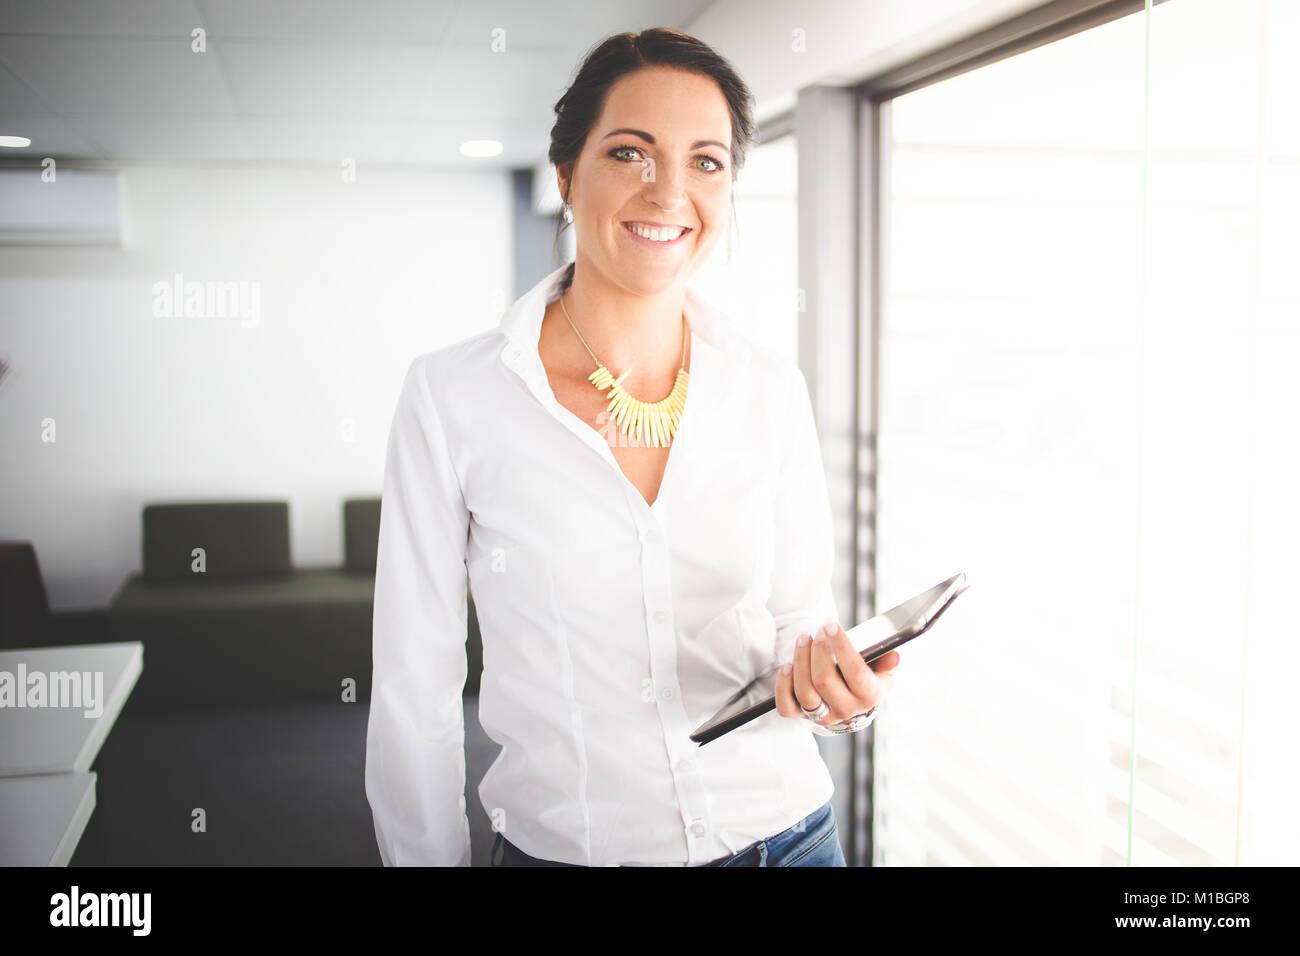 Schöne brünette Business woman Standing in einem Sitzungssaal arbeiten auf einem Tablet-PC Stockbild